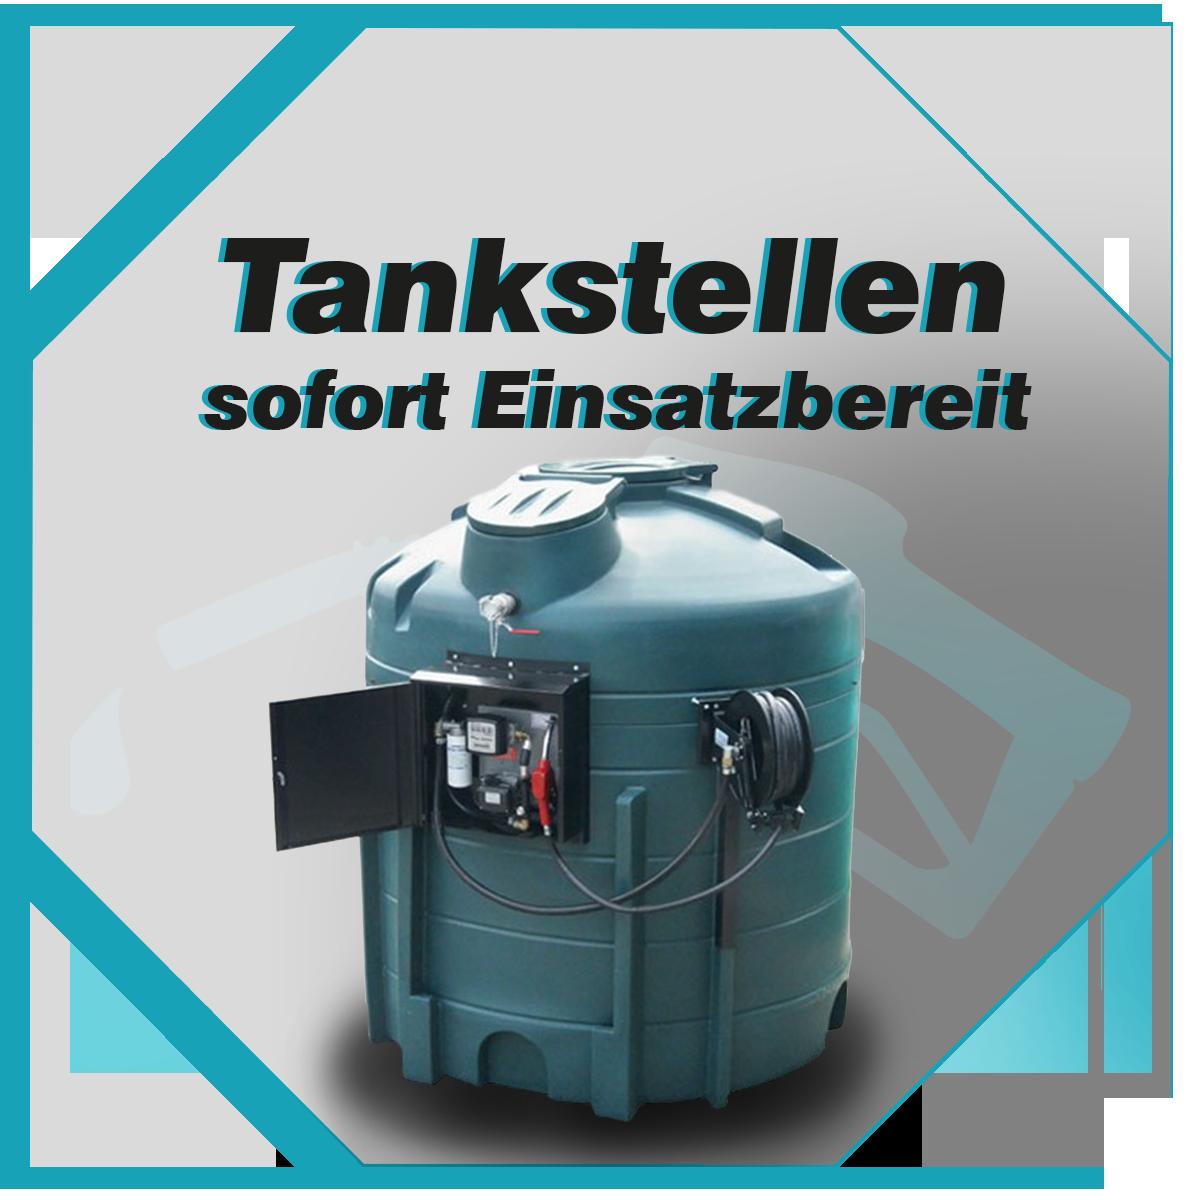 fertig montierte Tankstellen für Diesel, AdBlue und Benzin. sofort einsatzbereit nach lieferung